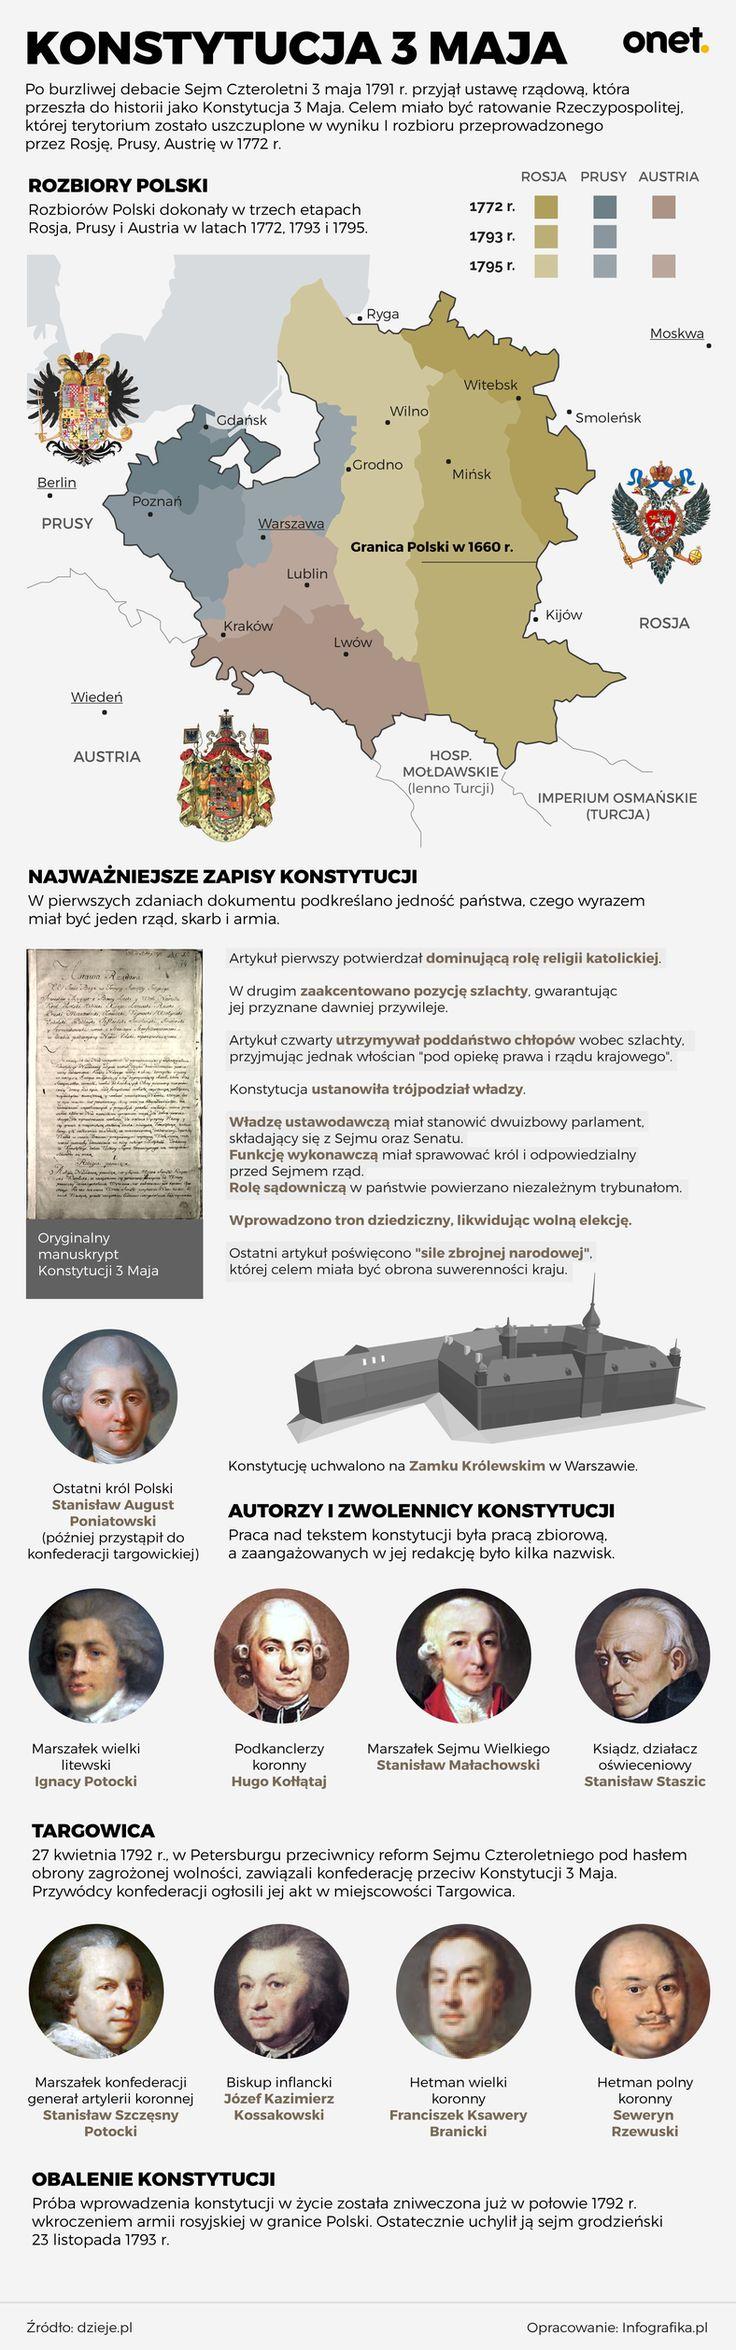 Konstytucja 3 maja - wszystko, co powinieneś wiedzieć